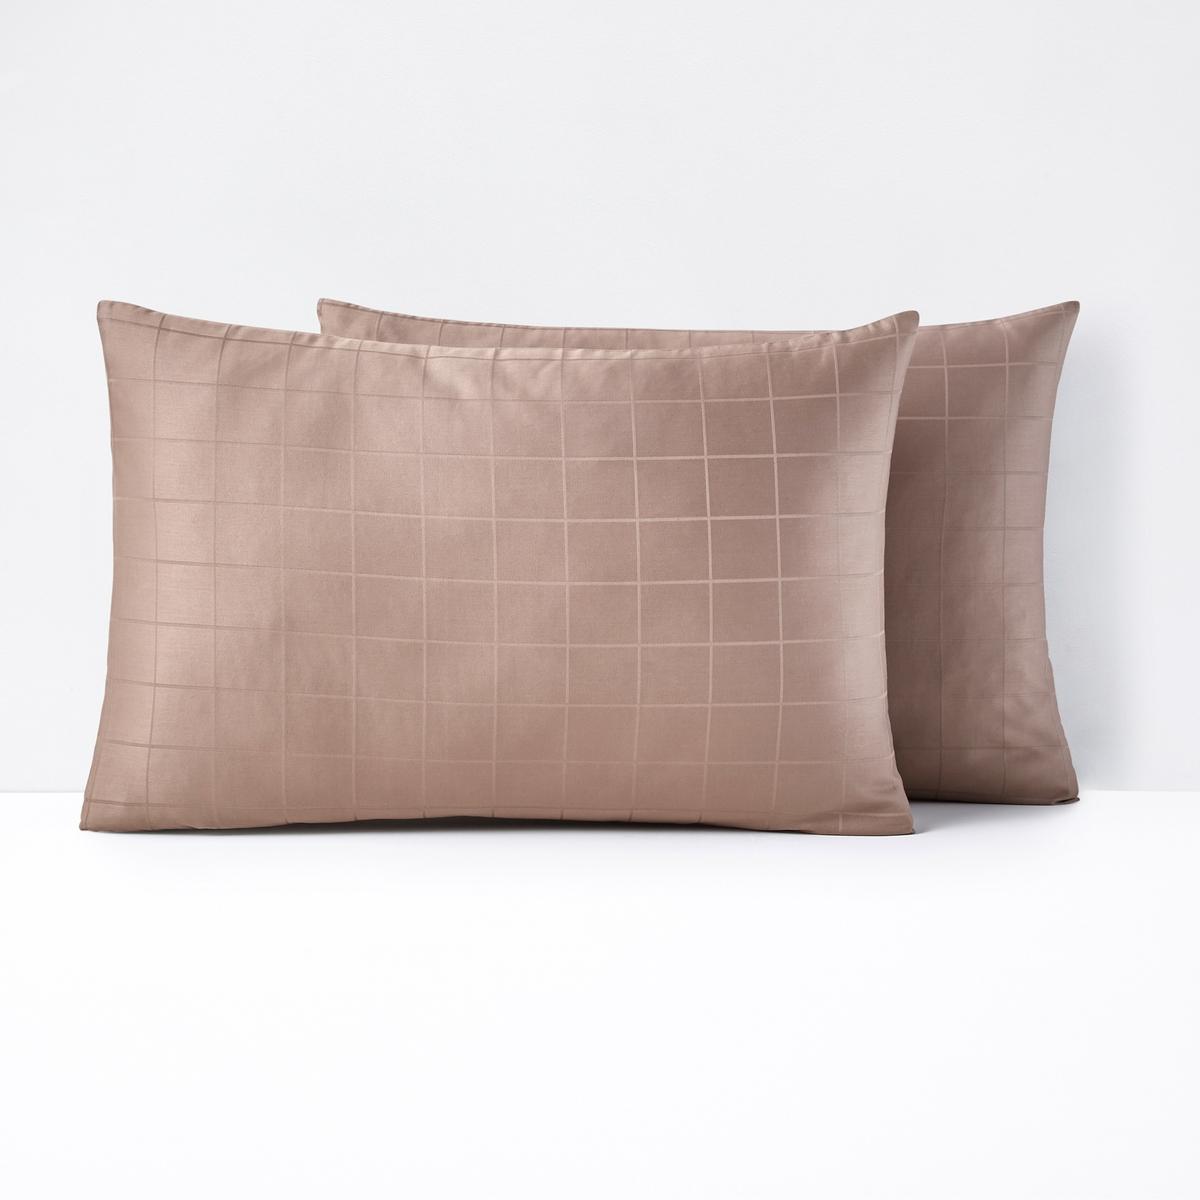 Fronha em cetim de algodão, aos quadrados